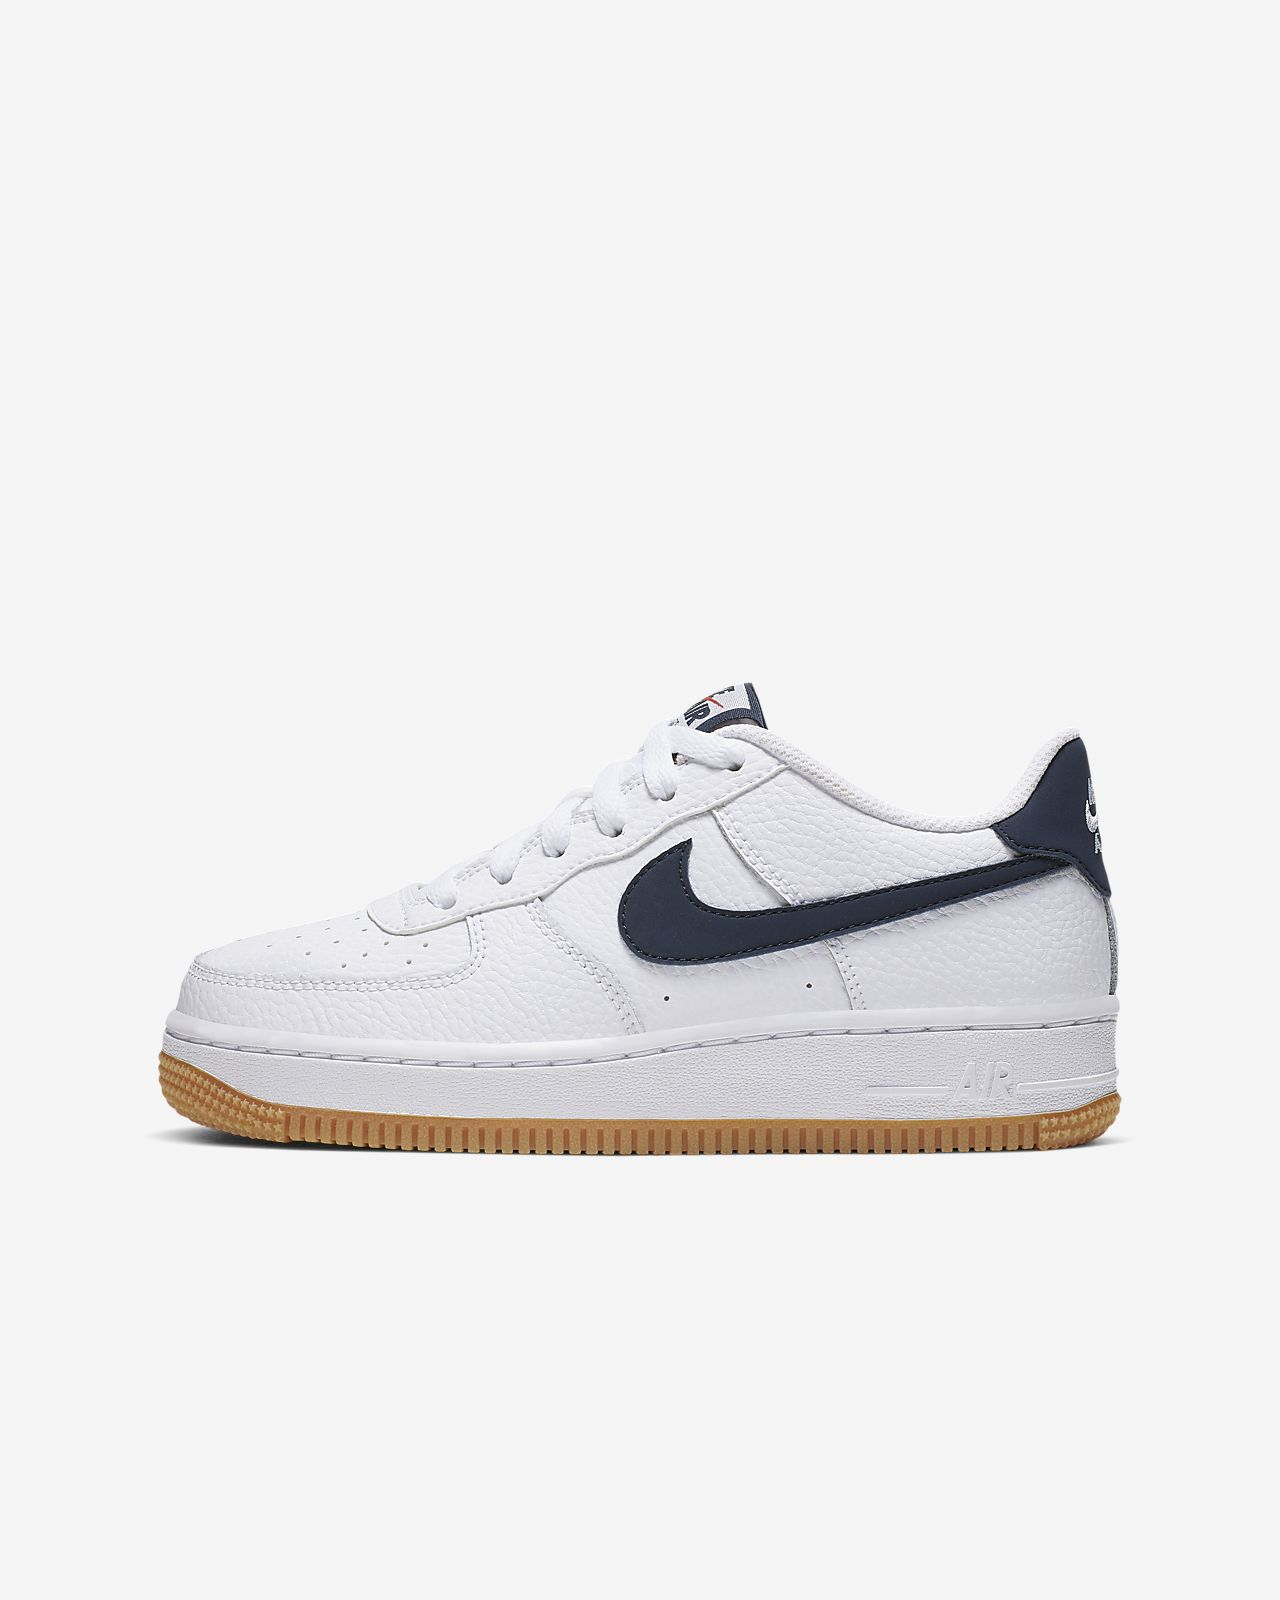 meilleure sélection c287c 4f7da Chaussure Nike Air Force 1-2 pour Enfant plus âgé